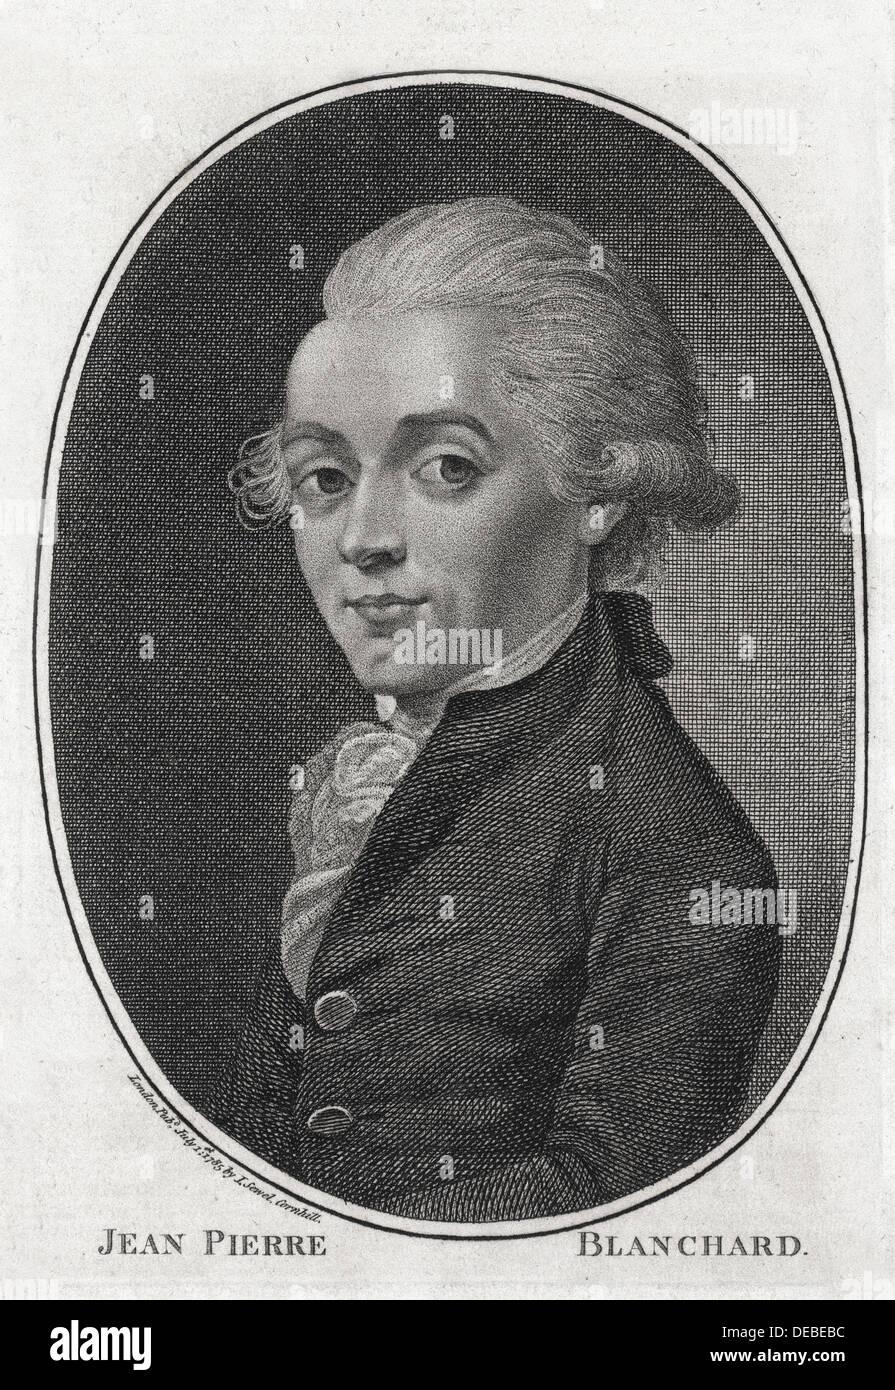 Jean-Pierre Blanchard - französischer Ballonfahrer - Gravur - XVIII Jahrhundert Stockfoto